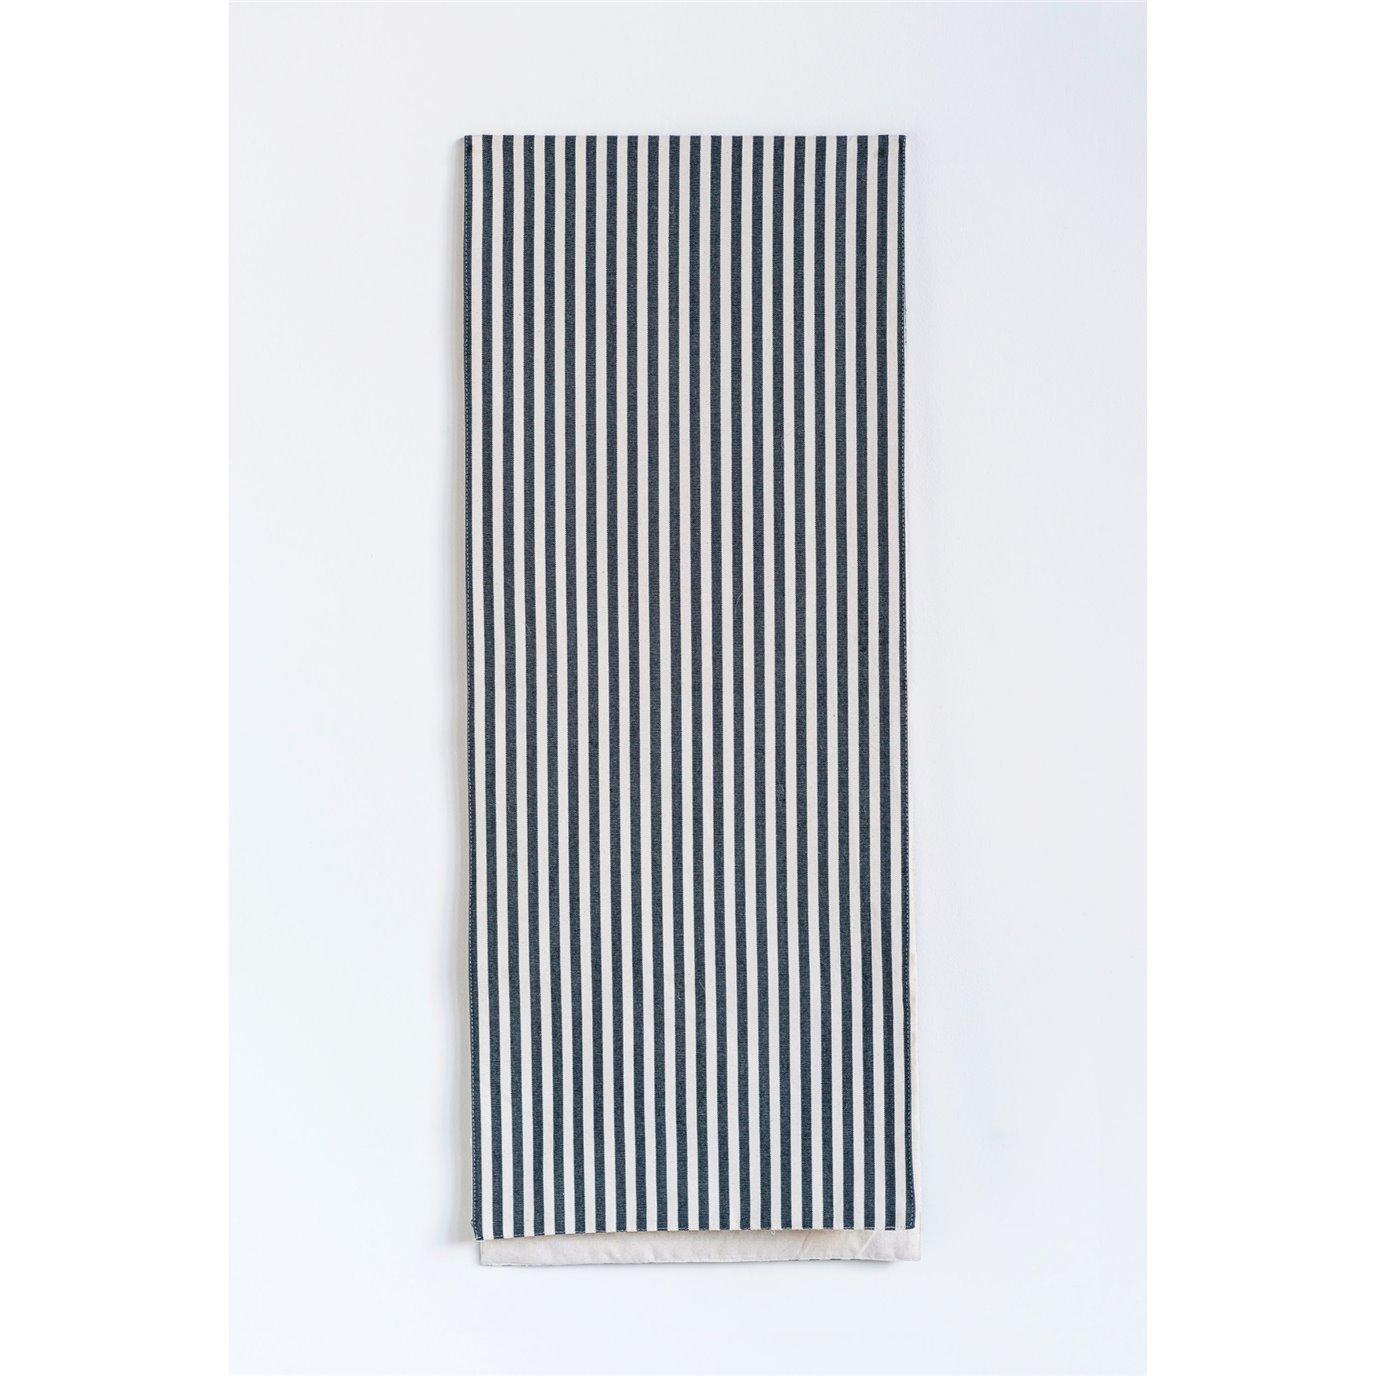 Black & White Striped Cotton Table Runner